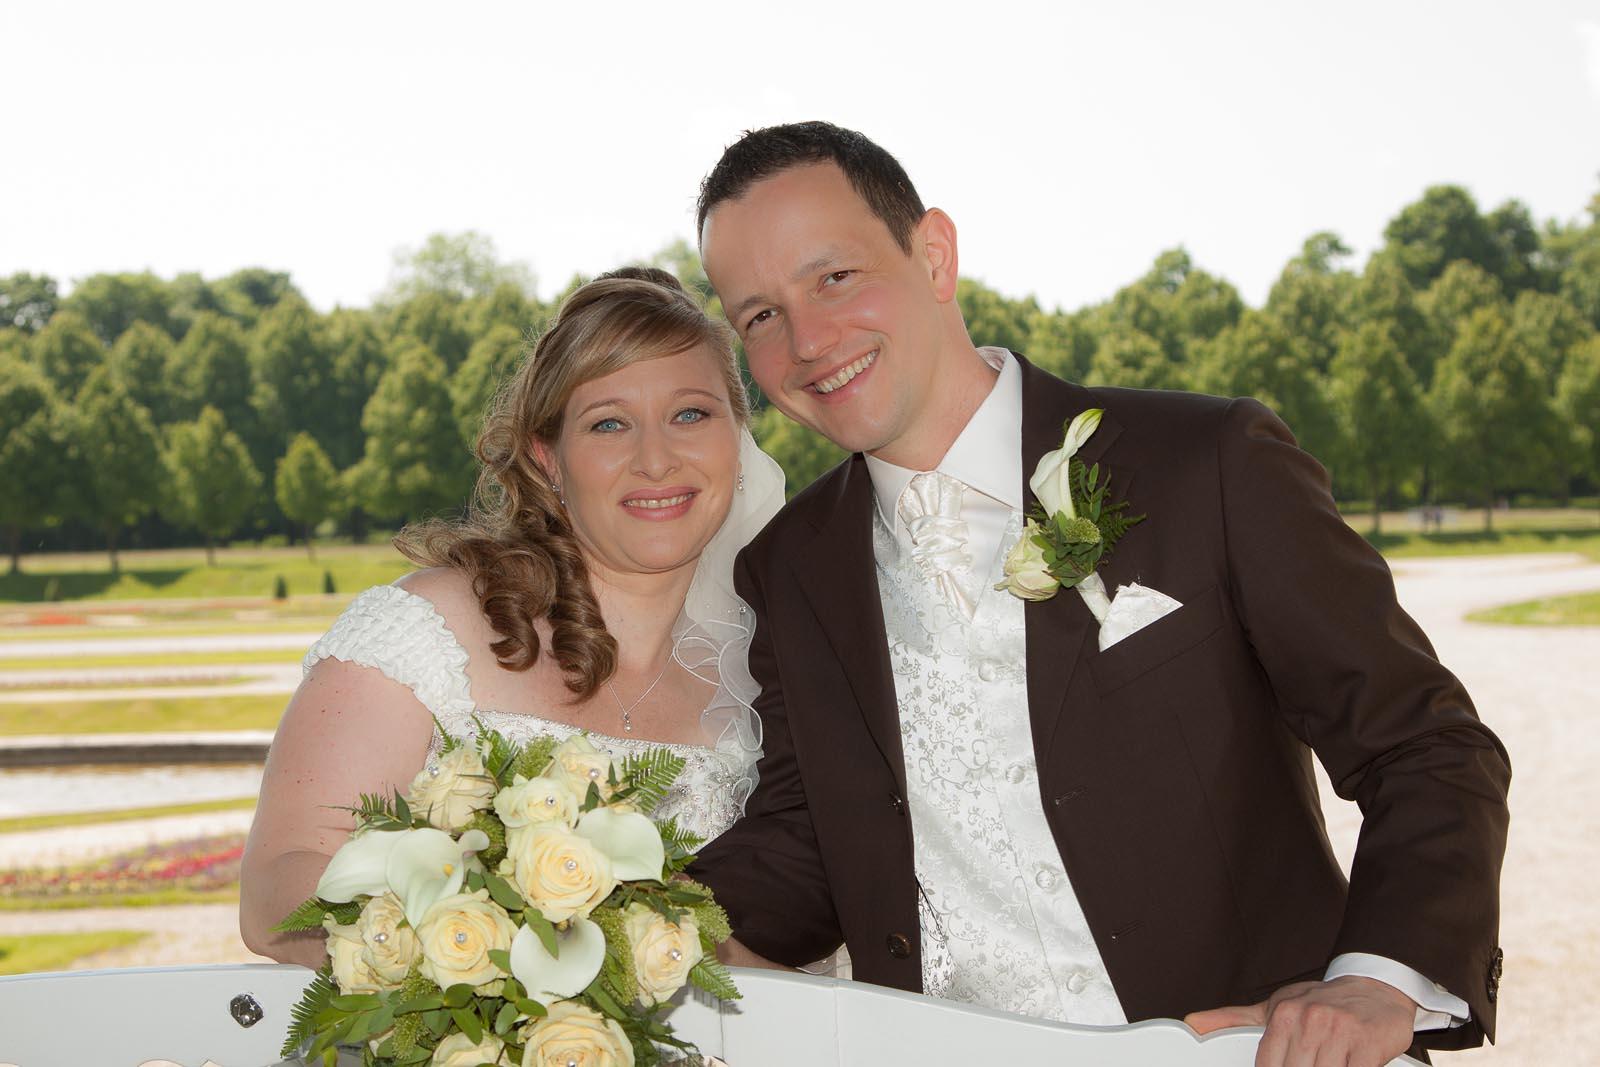 Hochzeit-Portraits-Vofrei-Hochzeit-Vofrei-1373.jpg